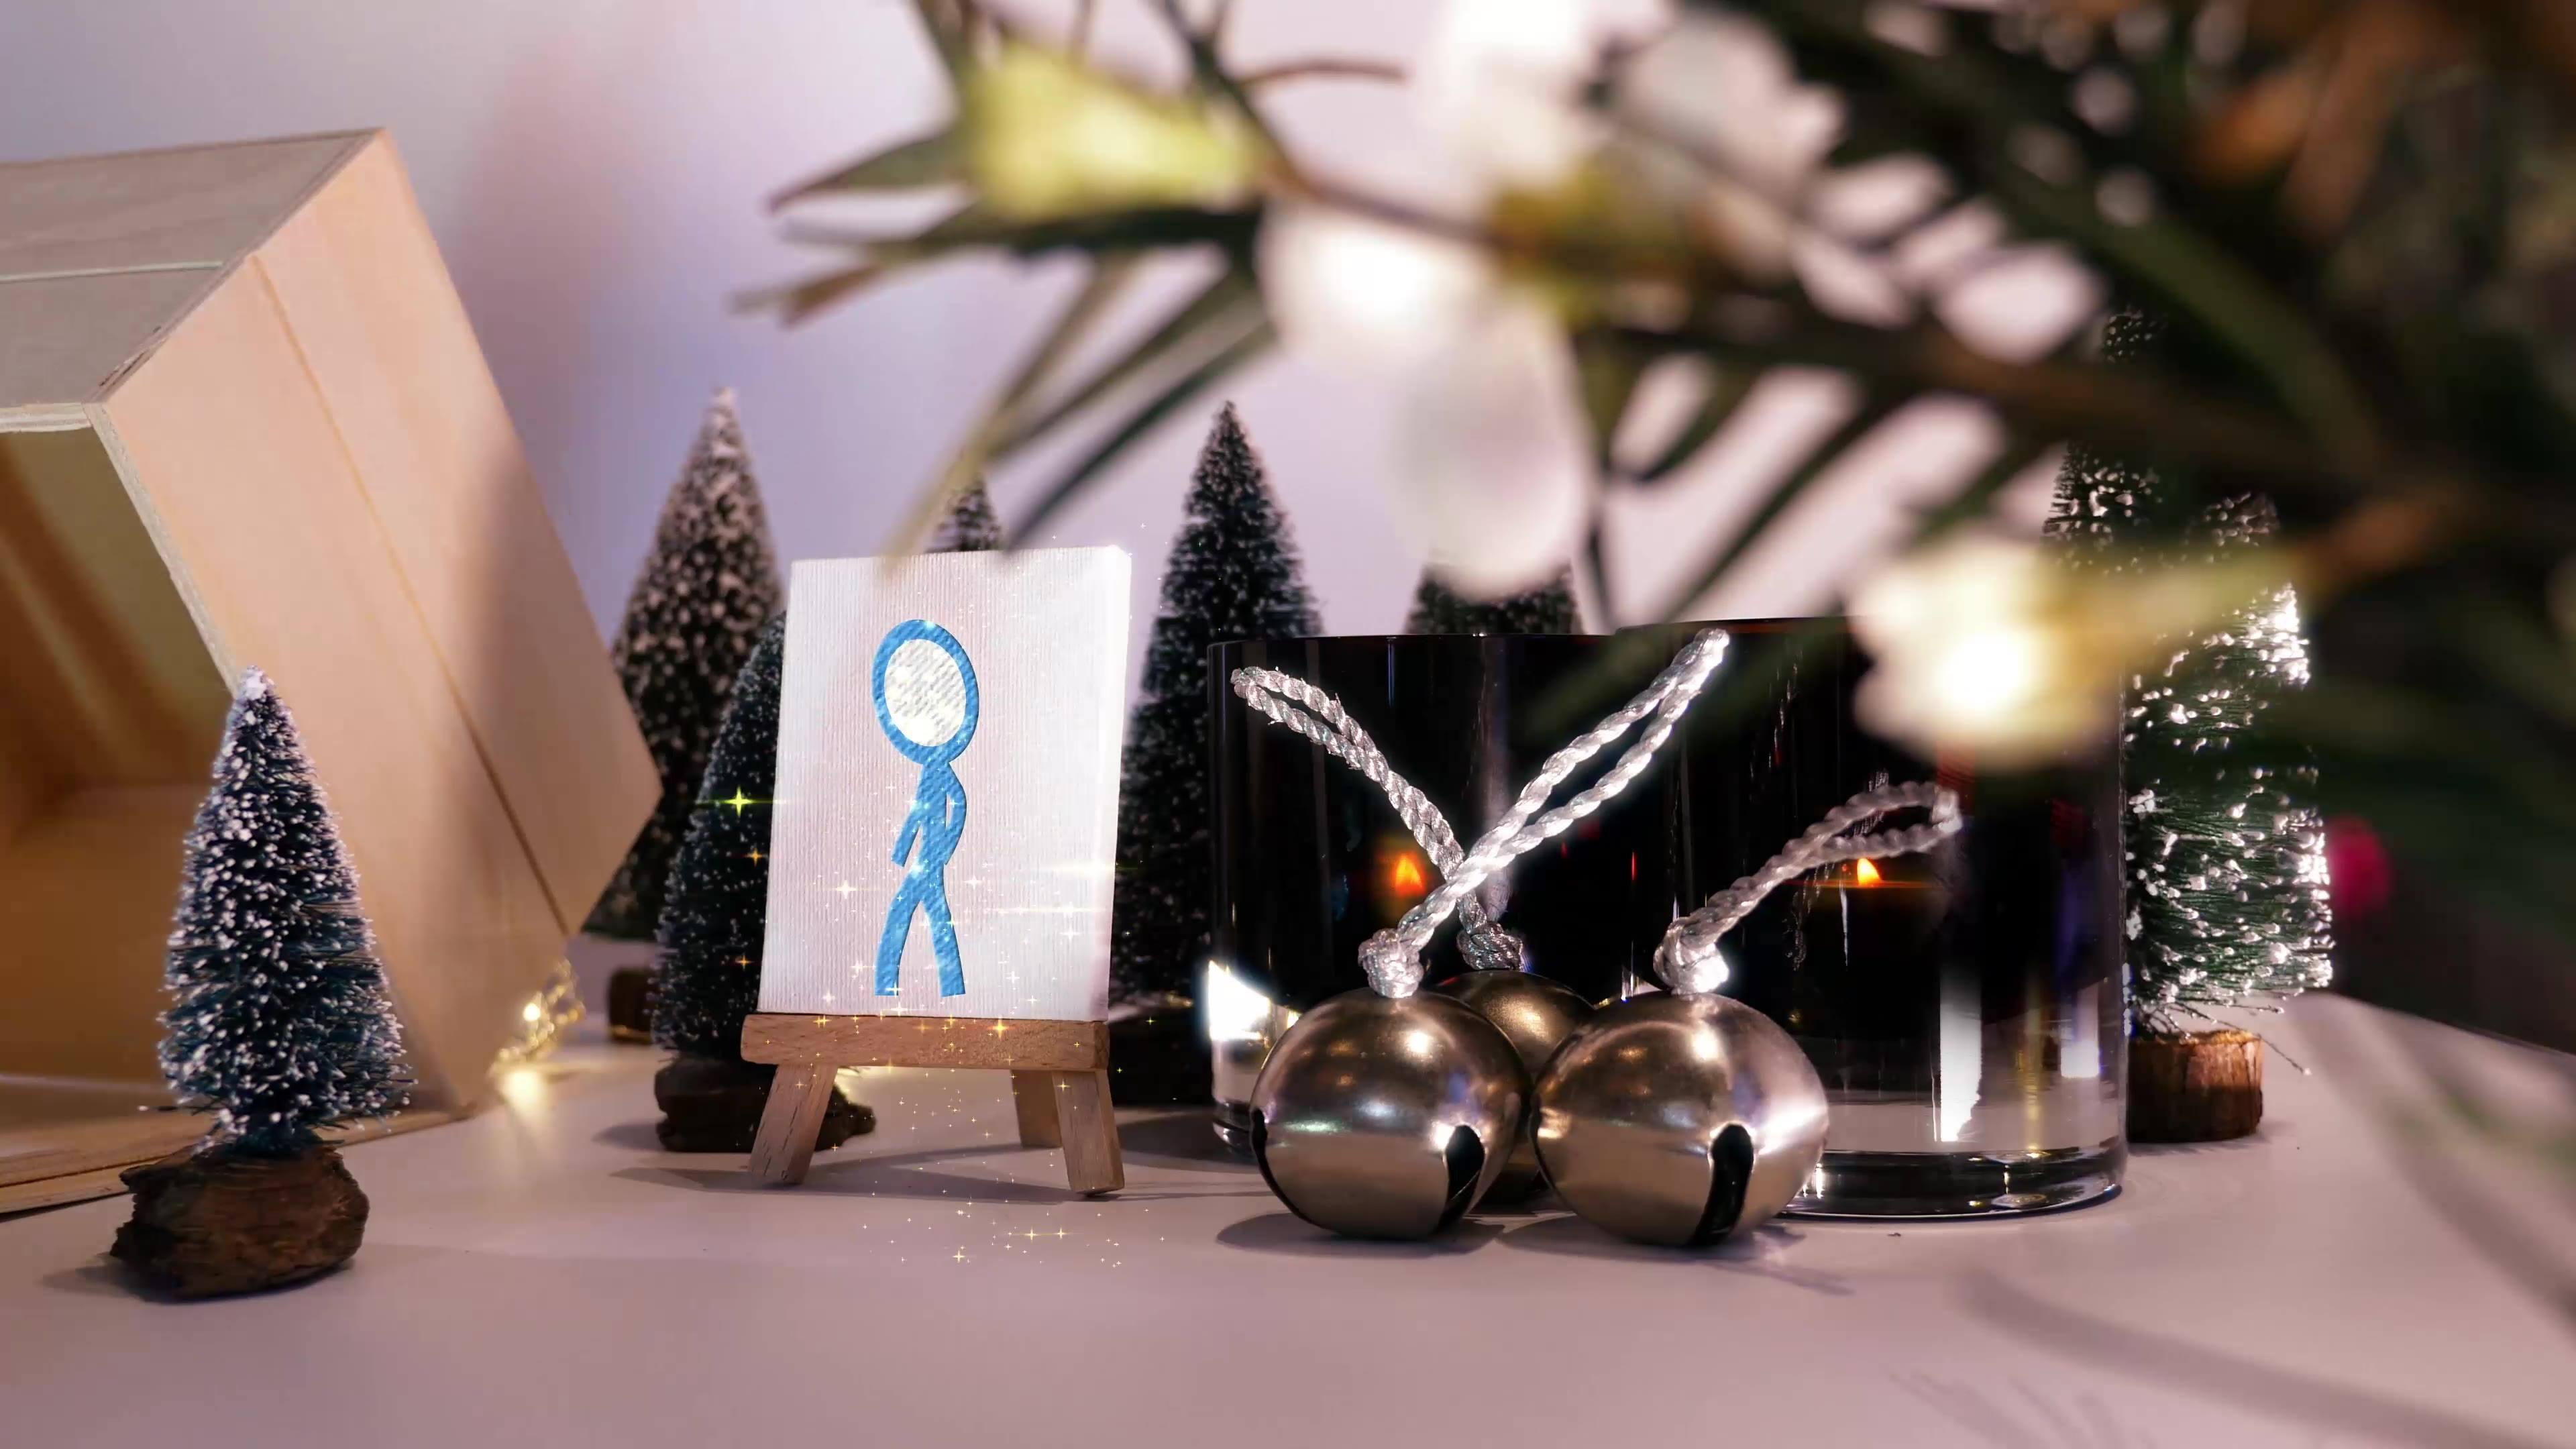 પ્રભુ ઈશુની જન્મજયંતિના પર્વે સૌના જીવનમાં સુખ, શાંતિ, સમૃદ્ધિ વધે તેવી શુભકામનાઓ  #Christmas #MerryChristmas #Christmas2020 #Festival #Cheers #Joy #Happiness #NavbharatSahityaMandir #ShopOnline #Books #Reading #LoveForReading #BooksLove #BookLovers #Bookaddict #Bookgeek #Bookish #Bookaholic #Booklife #Bookaddiction #Booksforever